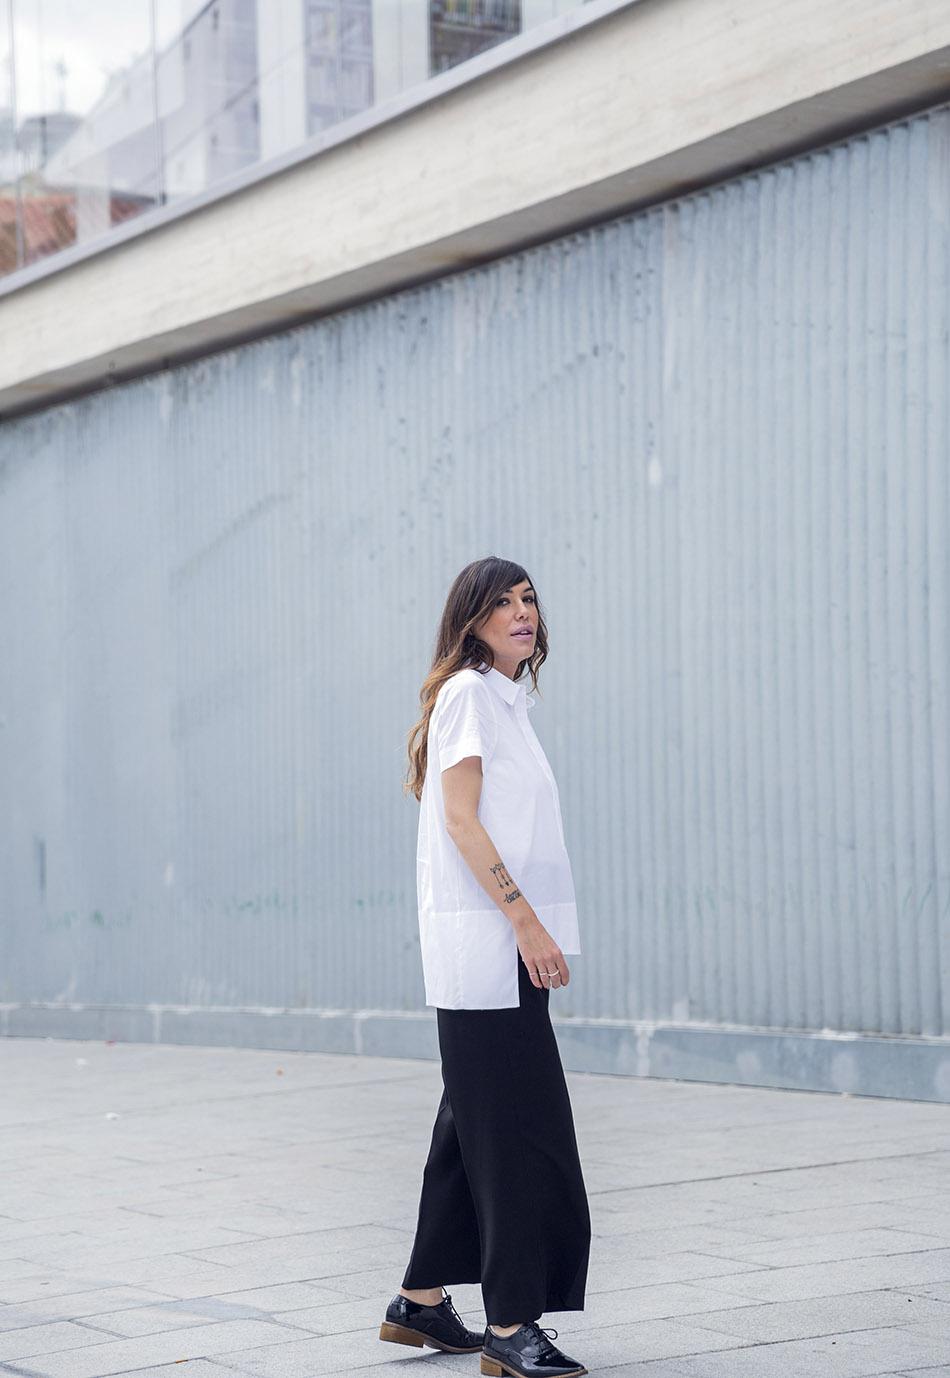 look de street style con camisa de manga corta asimétrica estilo japonés de COS, pantalones estilo culotte de Hakei y zapatos tipo oxford de charol